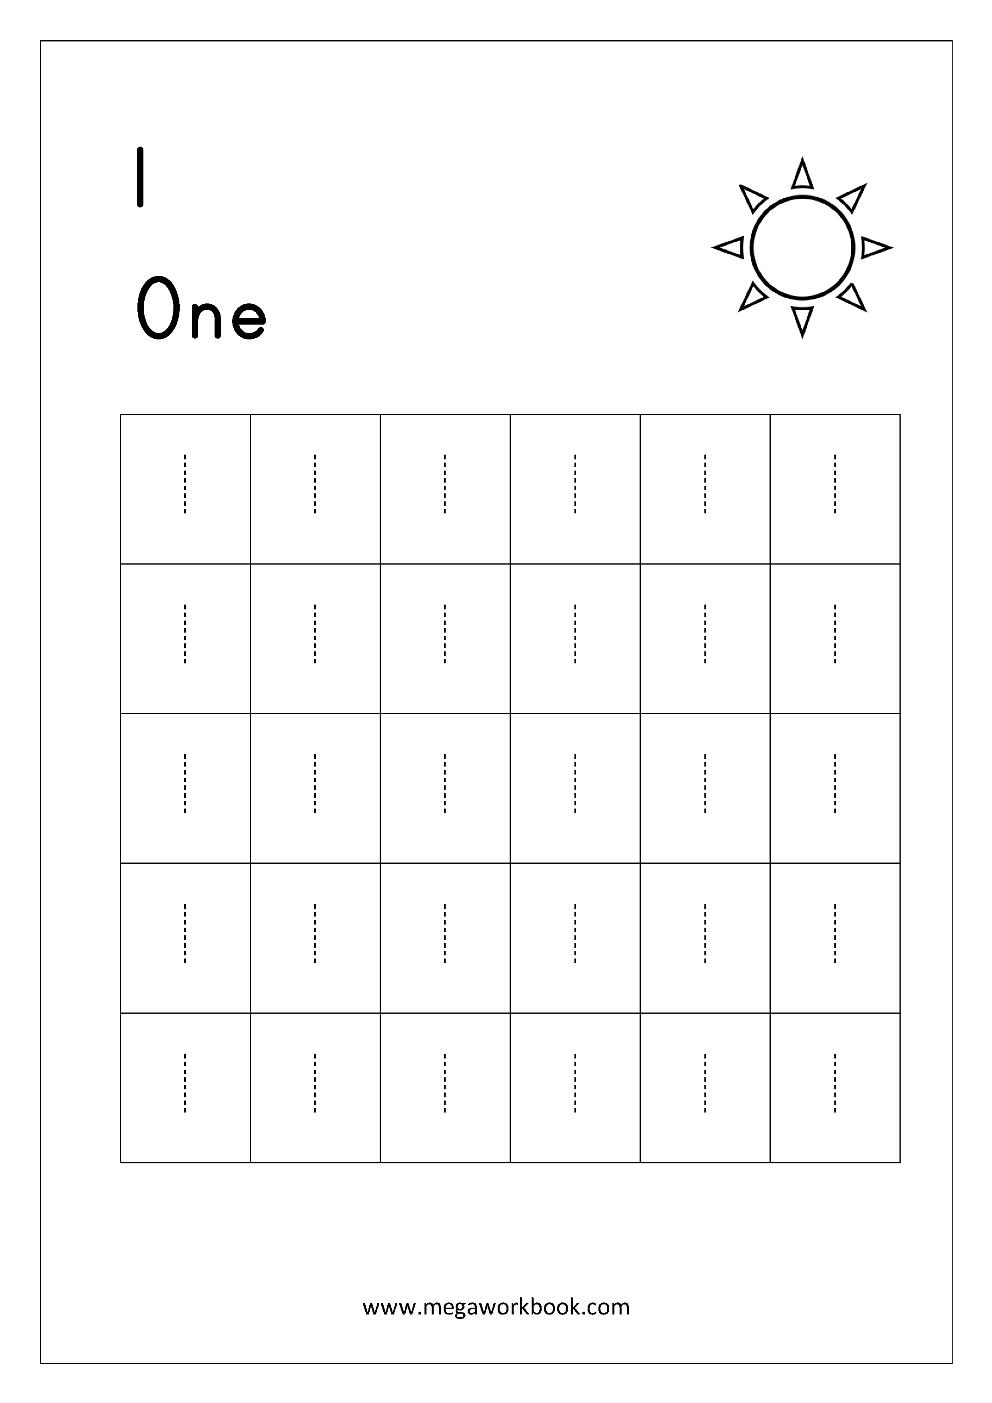 Free Printable Number Tracing And Writing (1-10) Worksheets - Number | Number One Worksheet Preschool Printable Activities